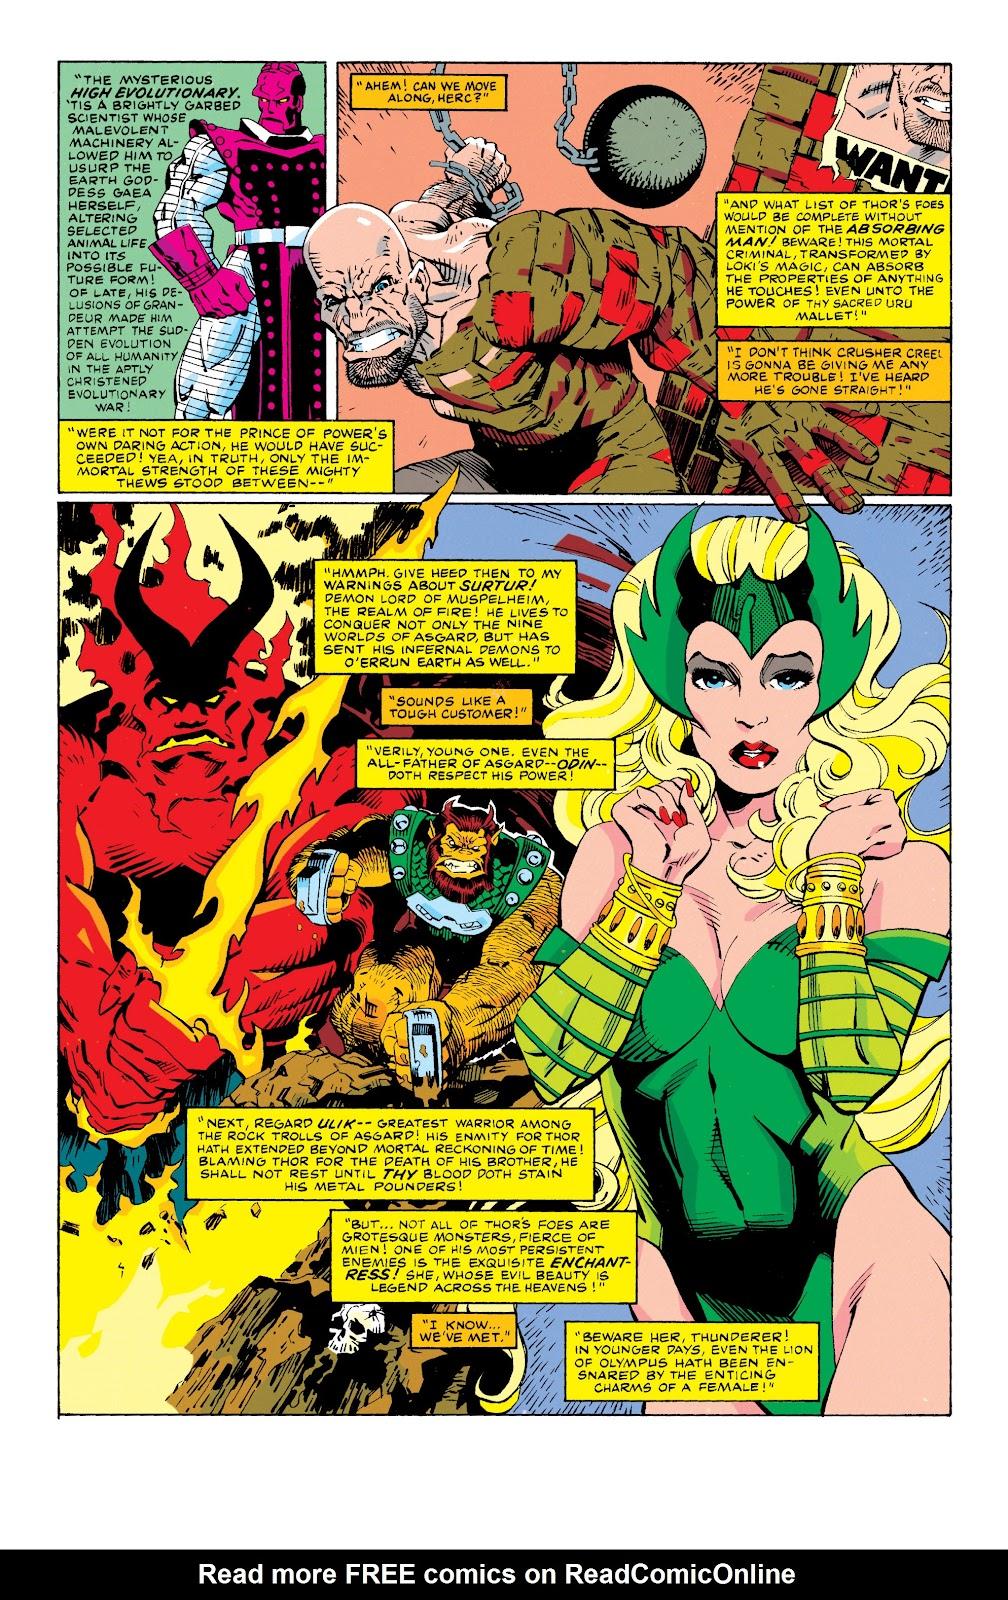 Read online Avengers: Citizen Kang comic -  Issue # TPB (Part 1) - 90